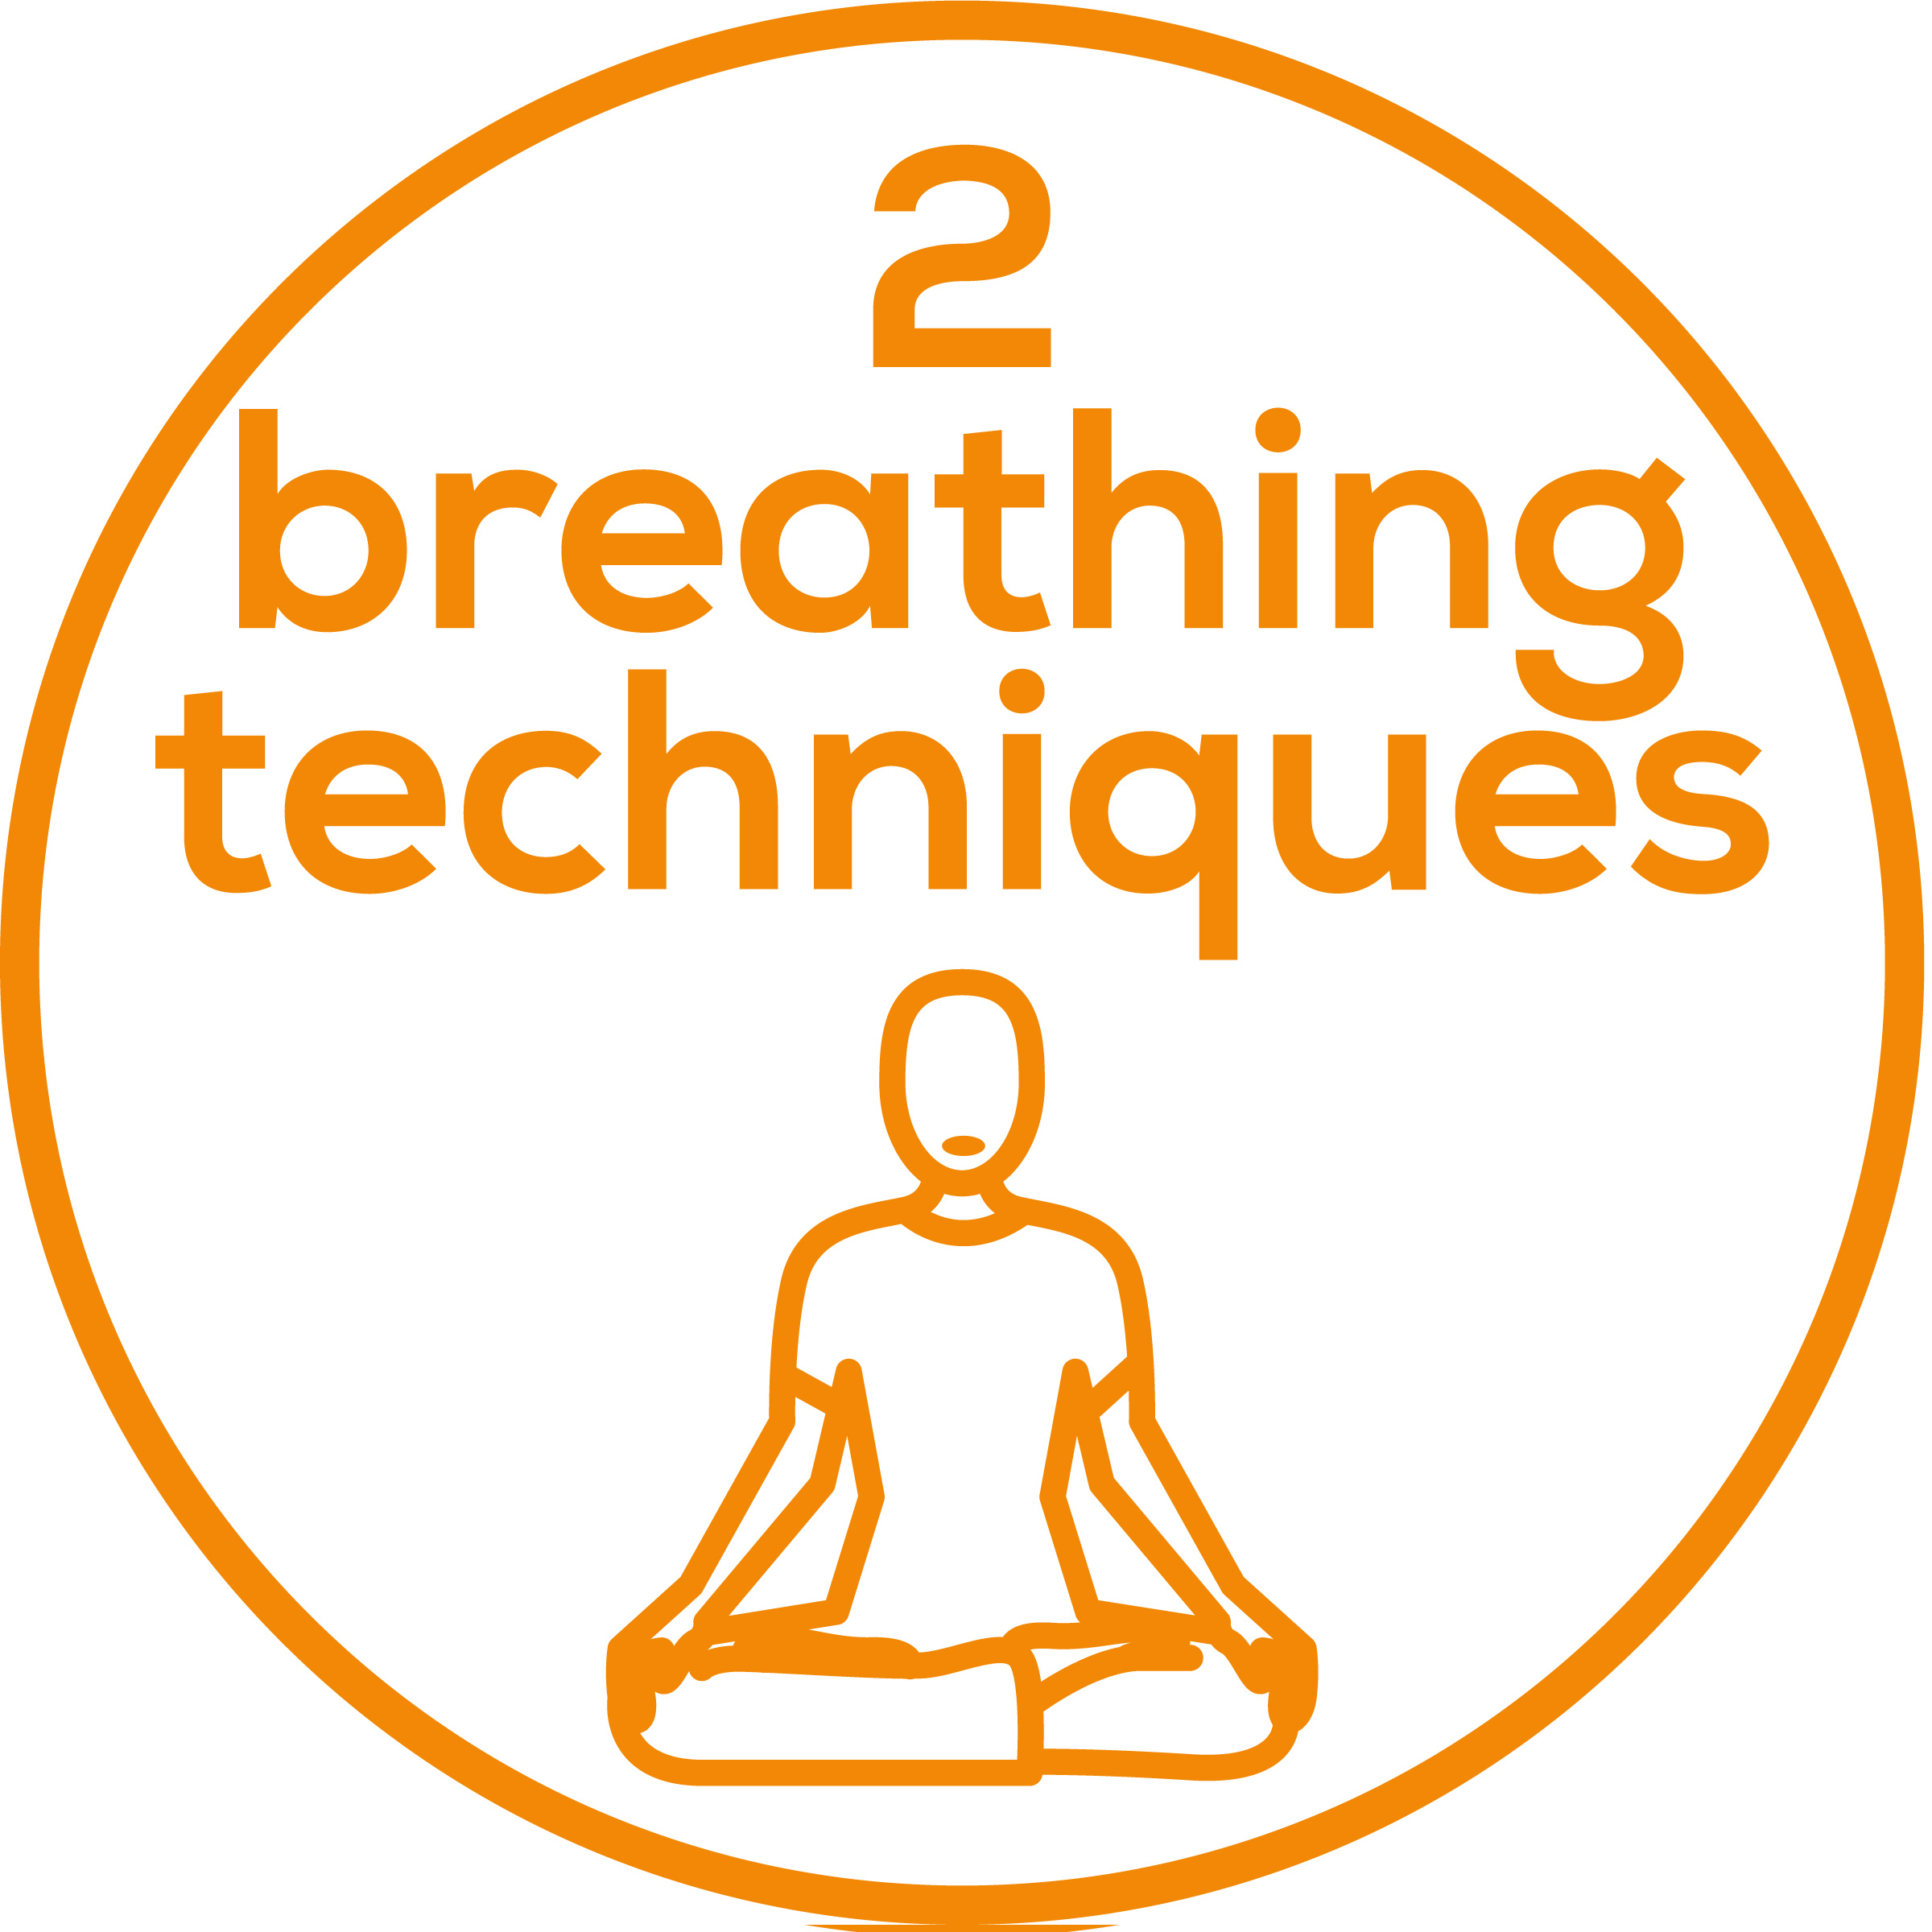 2 Atemtechniken Wählen Sie zwischen der 4-7-8 Yoga-Atemtechnik und der Relax-Atemtechnik